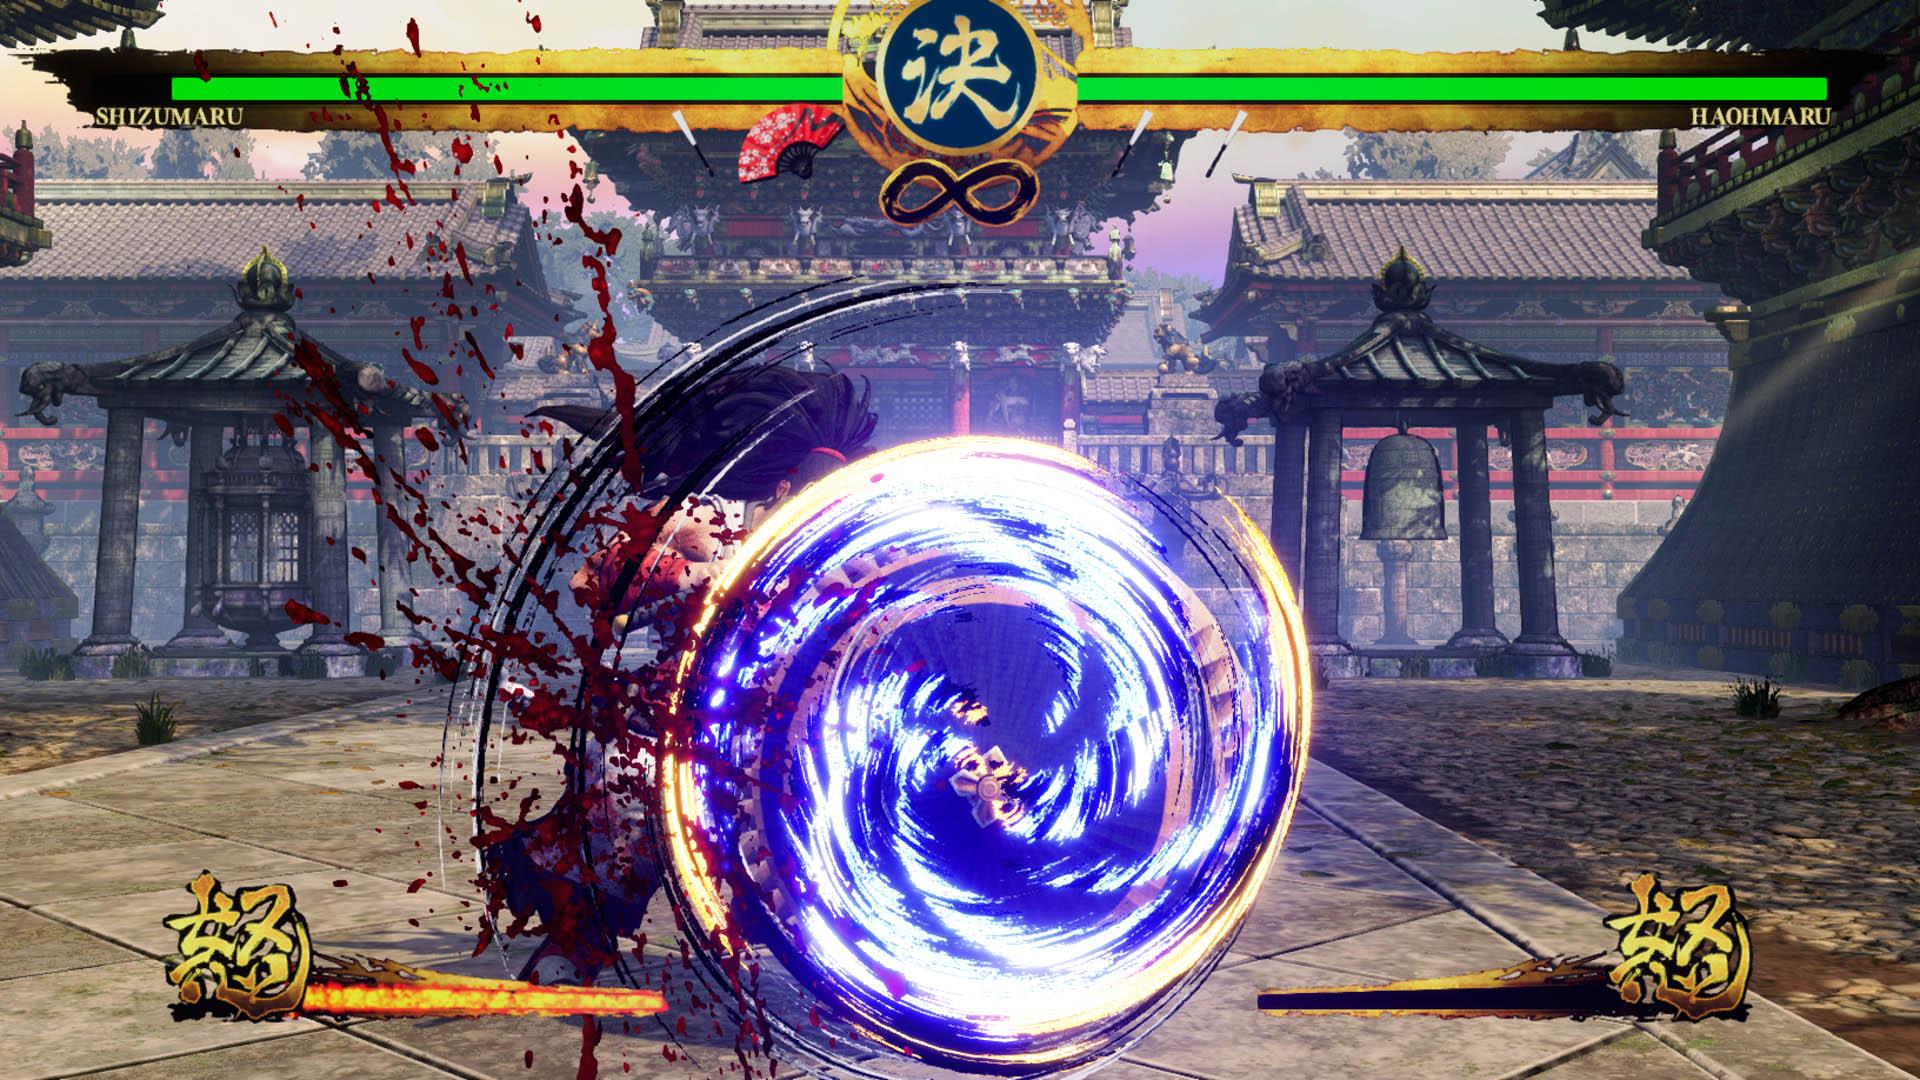 遊戲 - PlayStation®4/Xbox One平台劍戟對戰格鬥遊戲《SAMURAI SHODOWN》 免費DLC追加角色「緋雨 閑丸」9月17日開放下載! _211